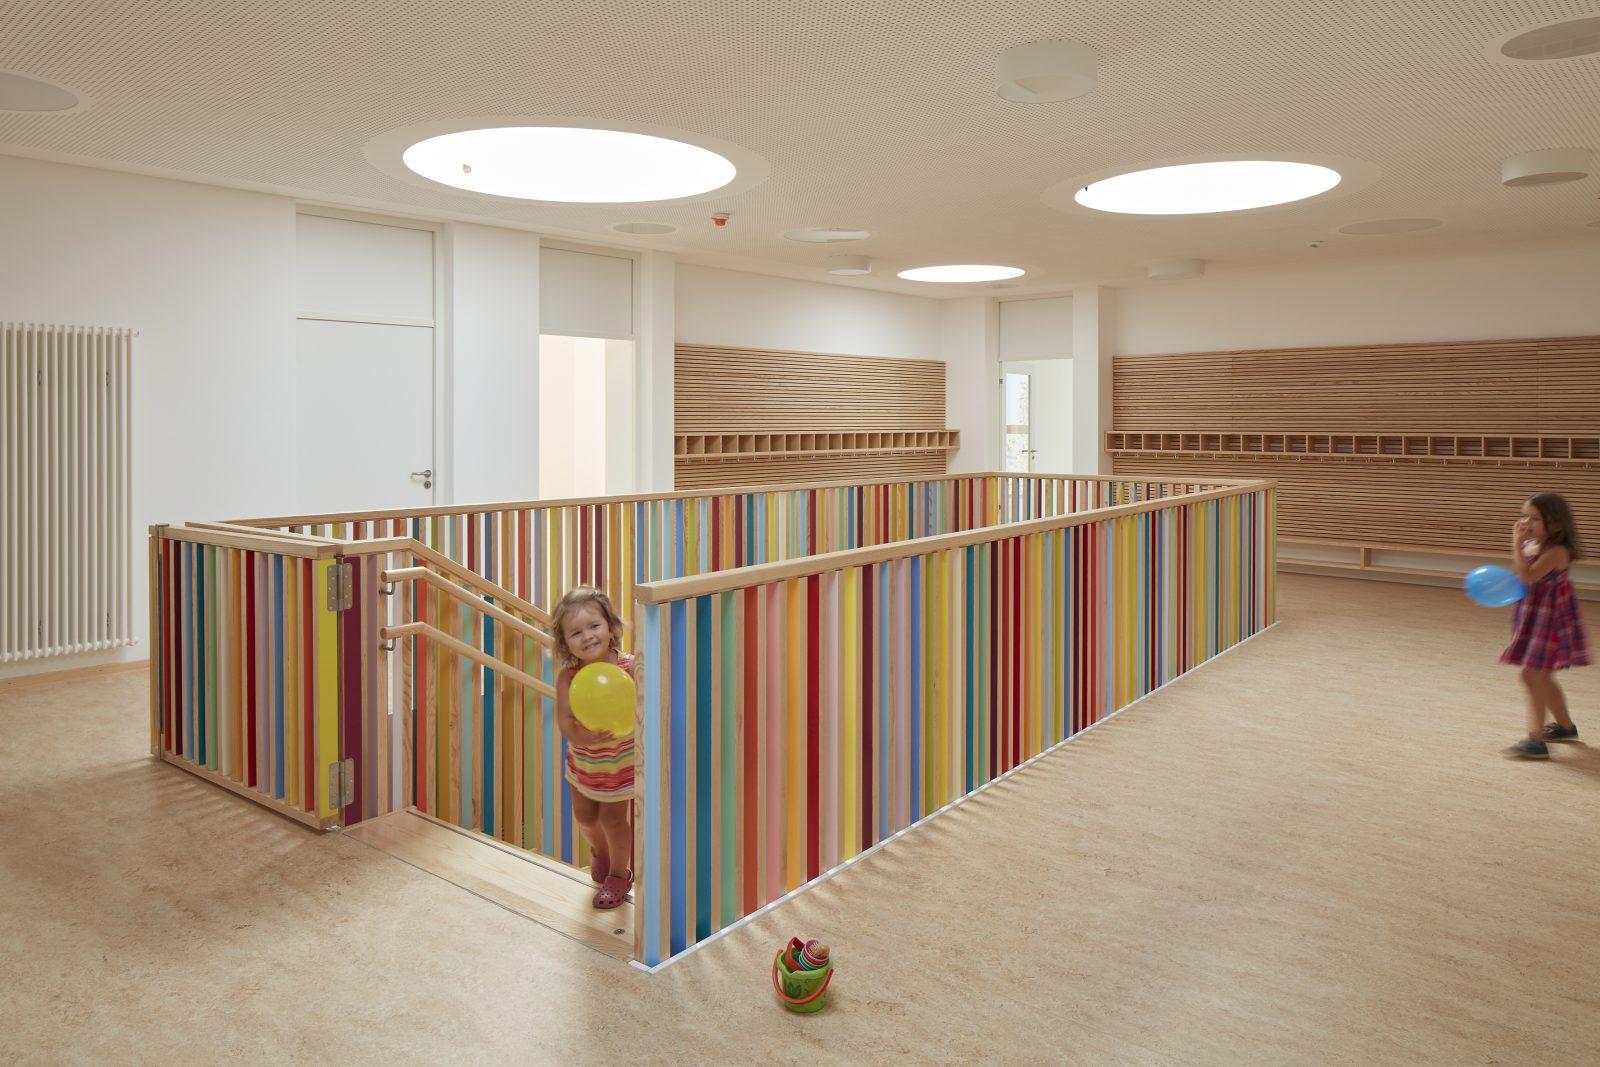 Haus für Kinder, Josef-Obenhin-Straße, München